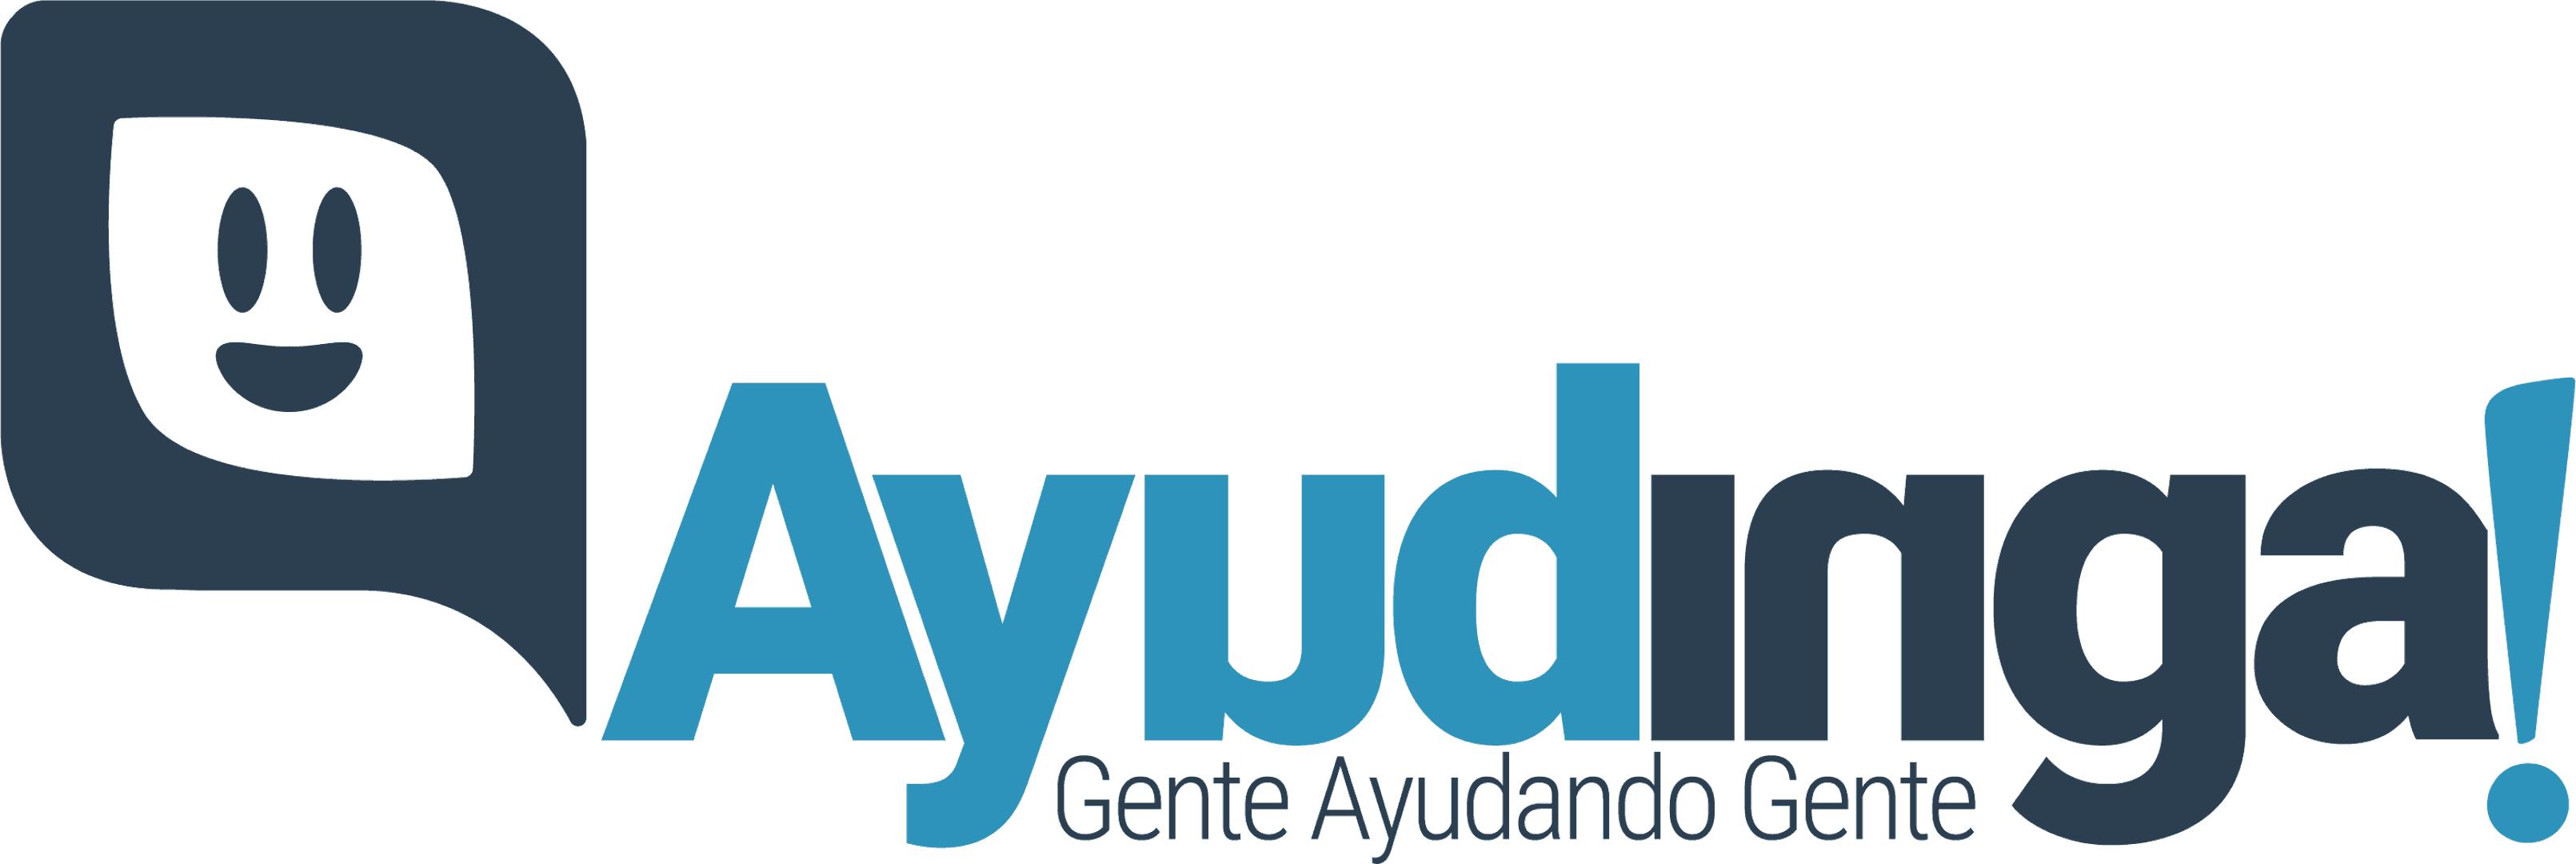 Fundación Ayudinga